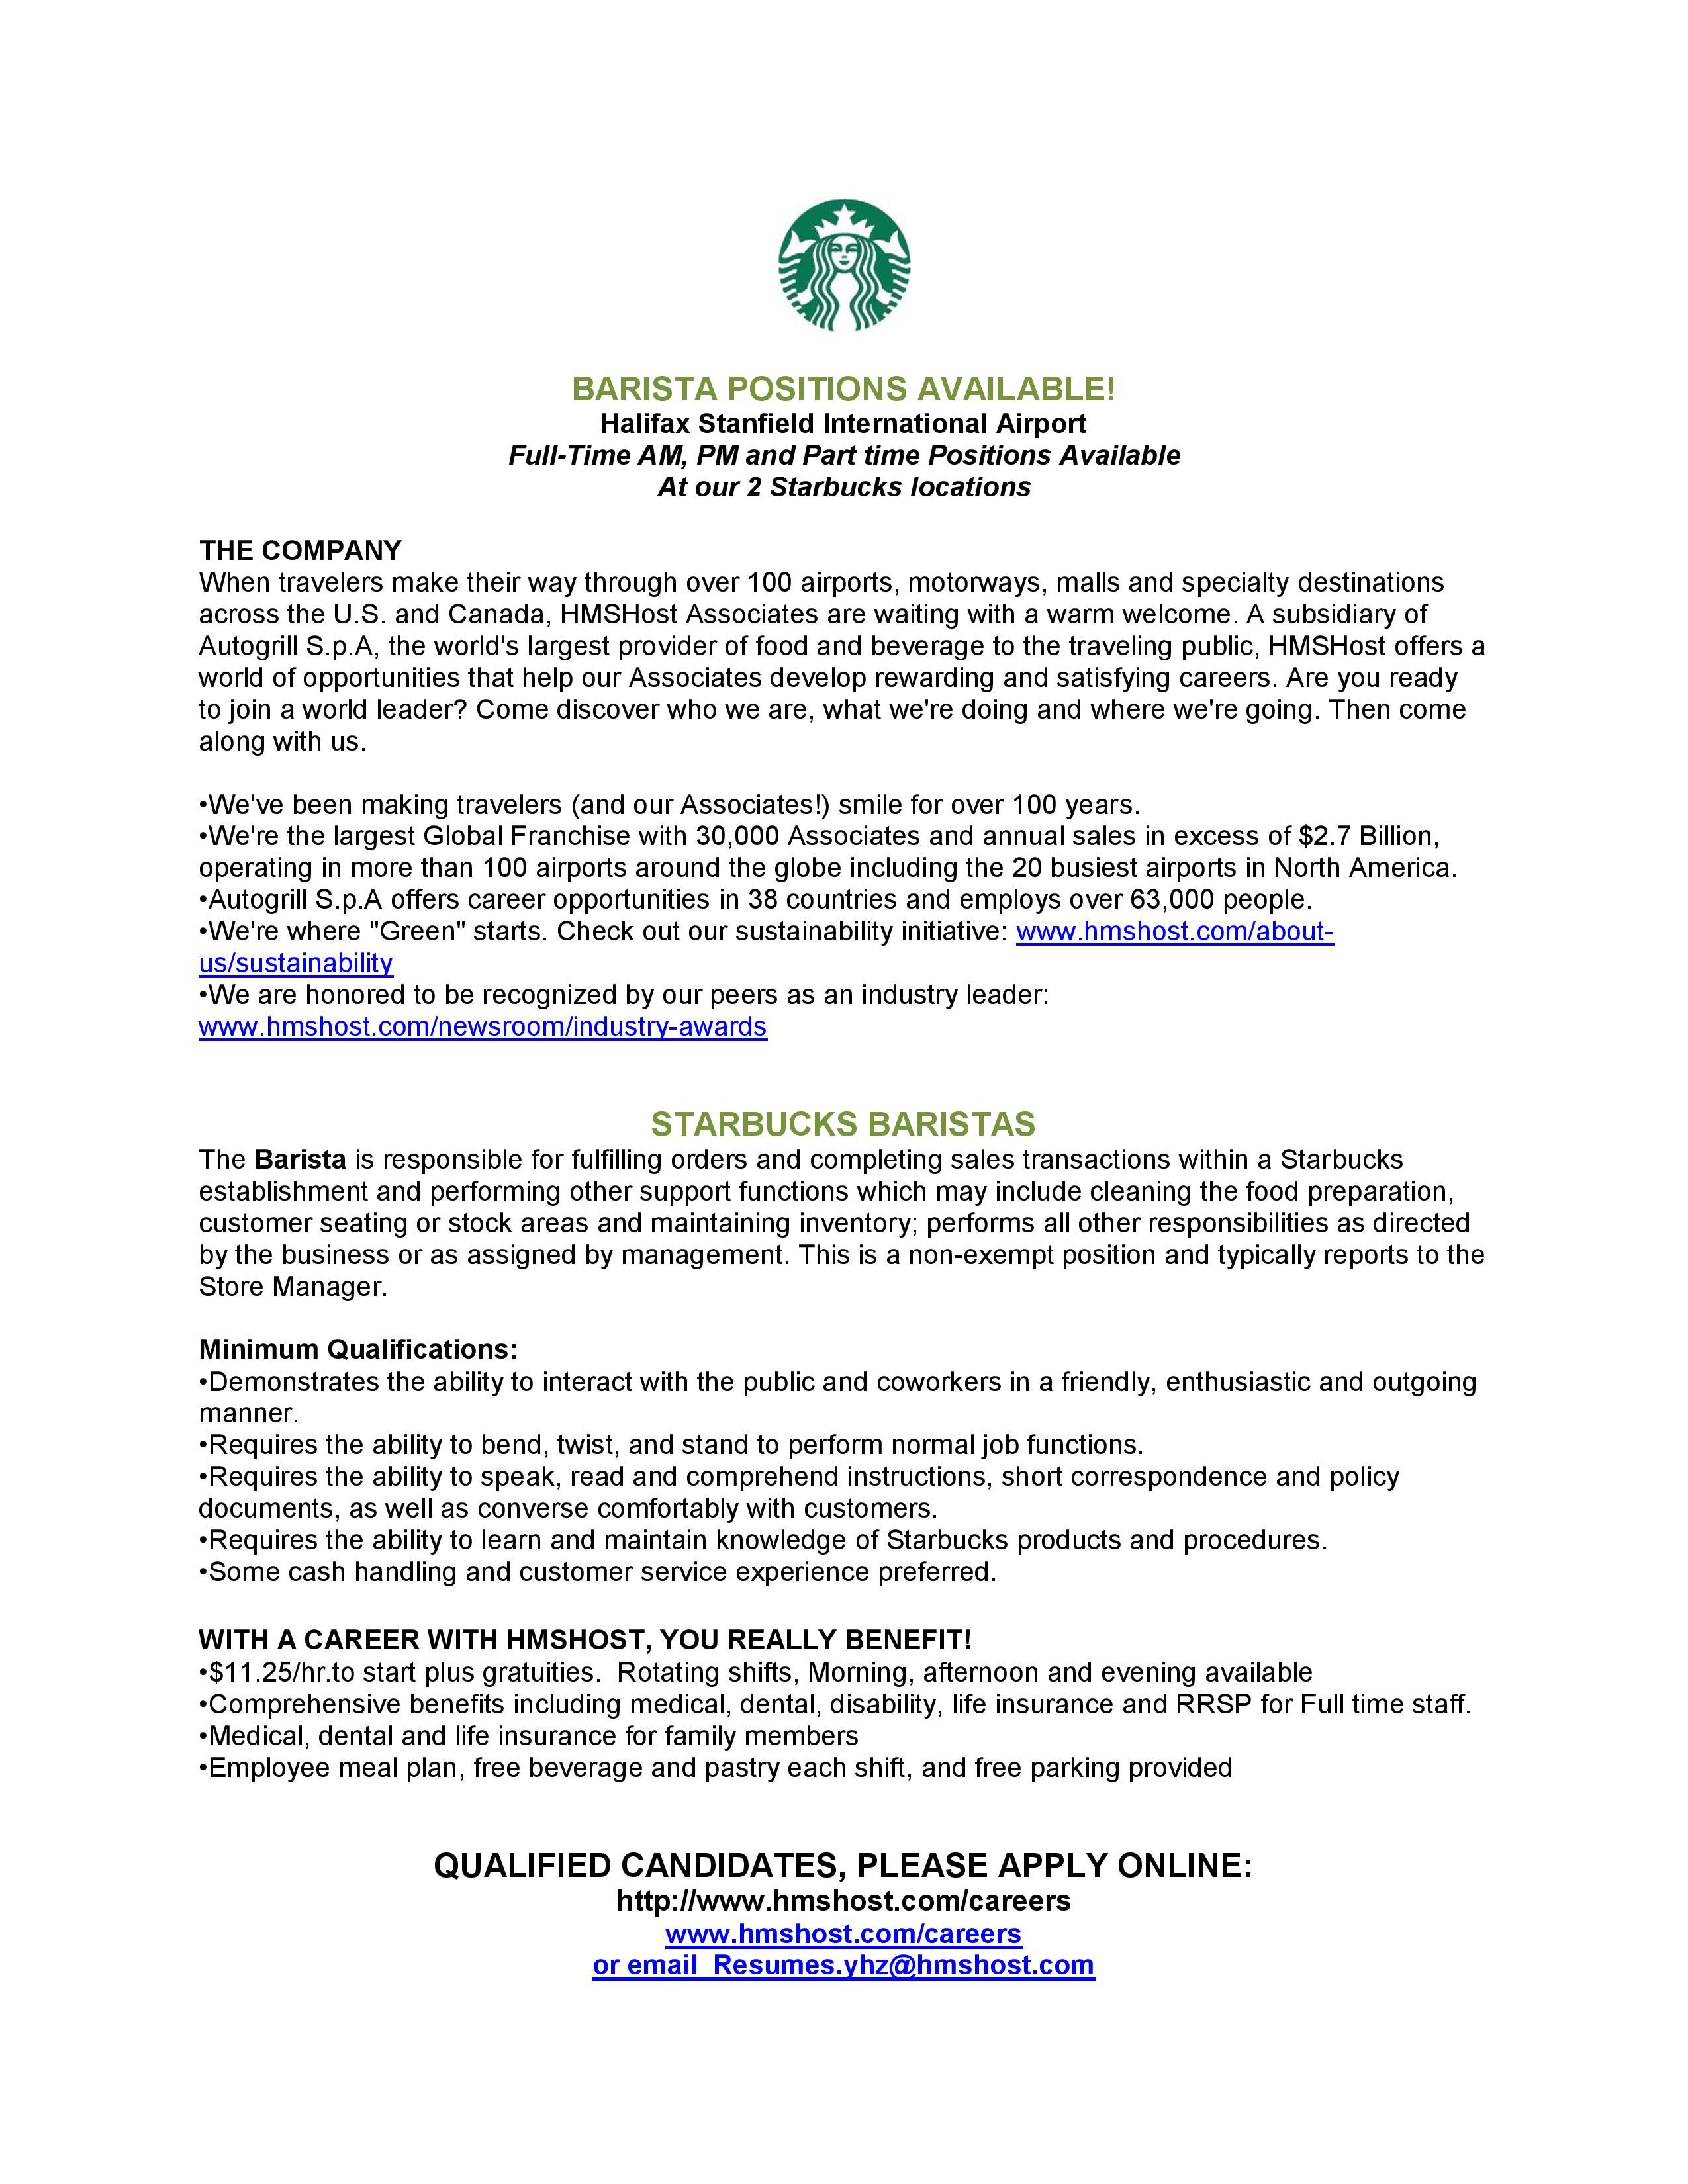 Charming Resume For Barista Ideas - Resume Ideas - namanasa.com